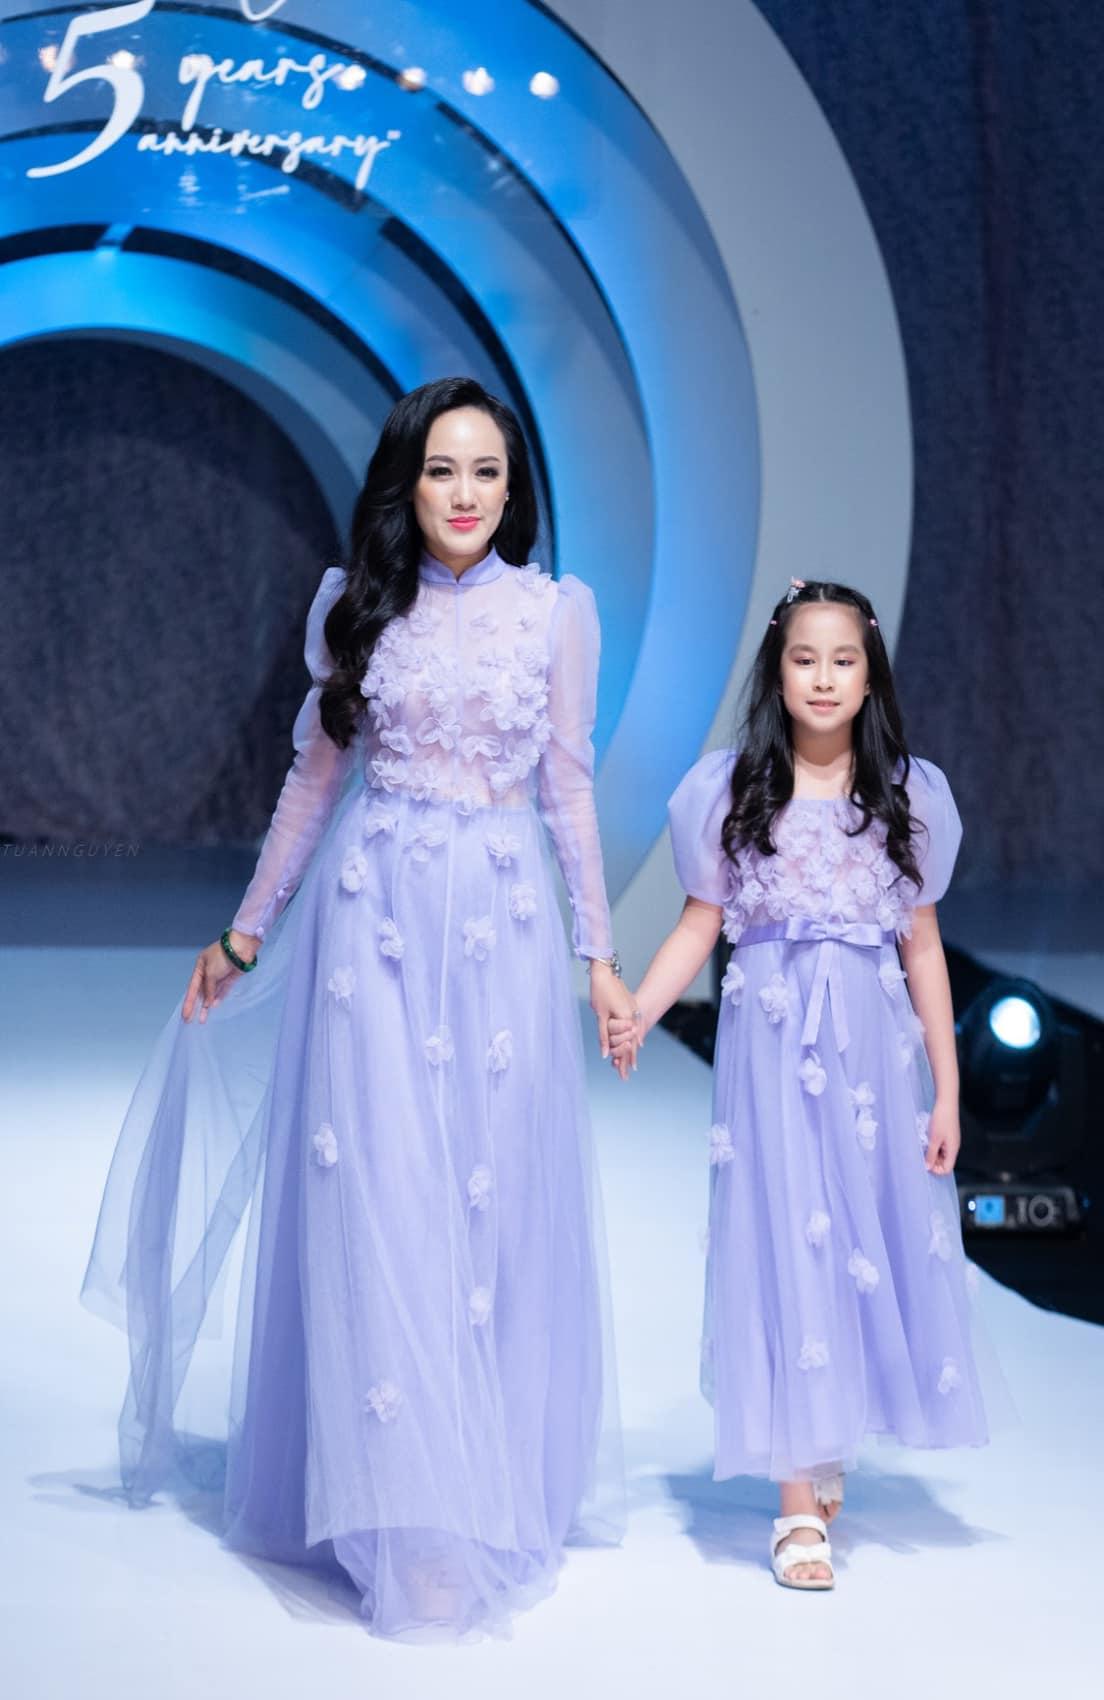 Bất ngờ với mức học phí dành cho con của 2 nữ BTV Thời sự kín tiếng tại VTV - 3